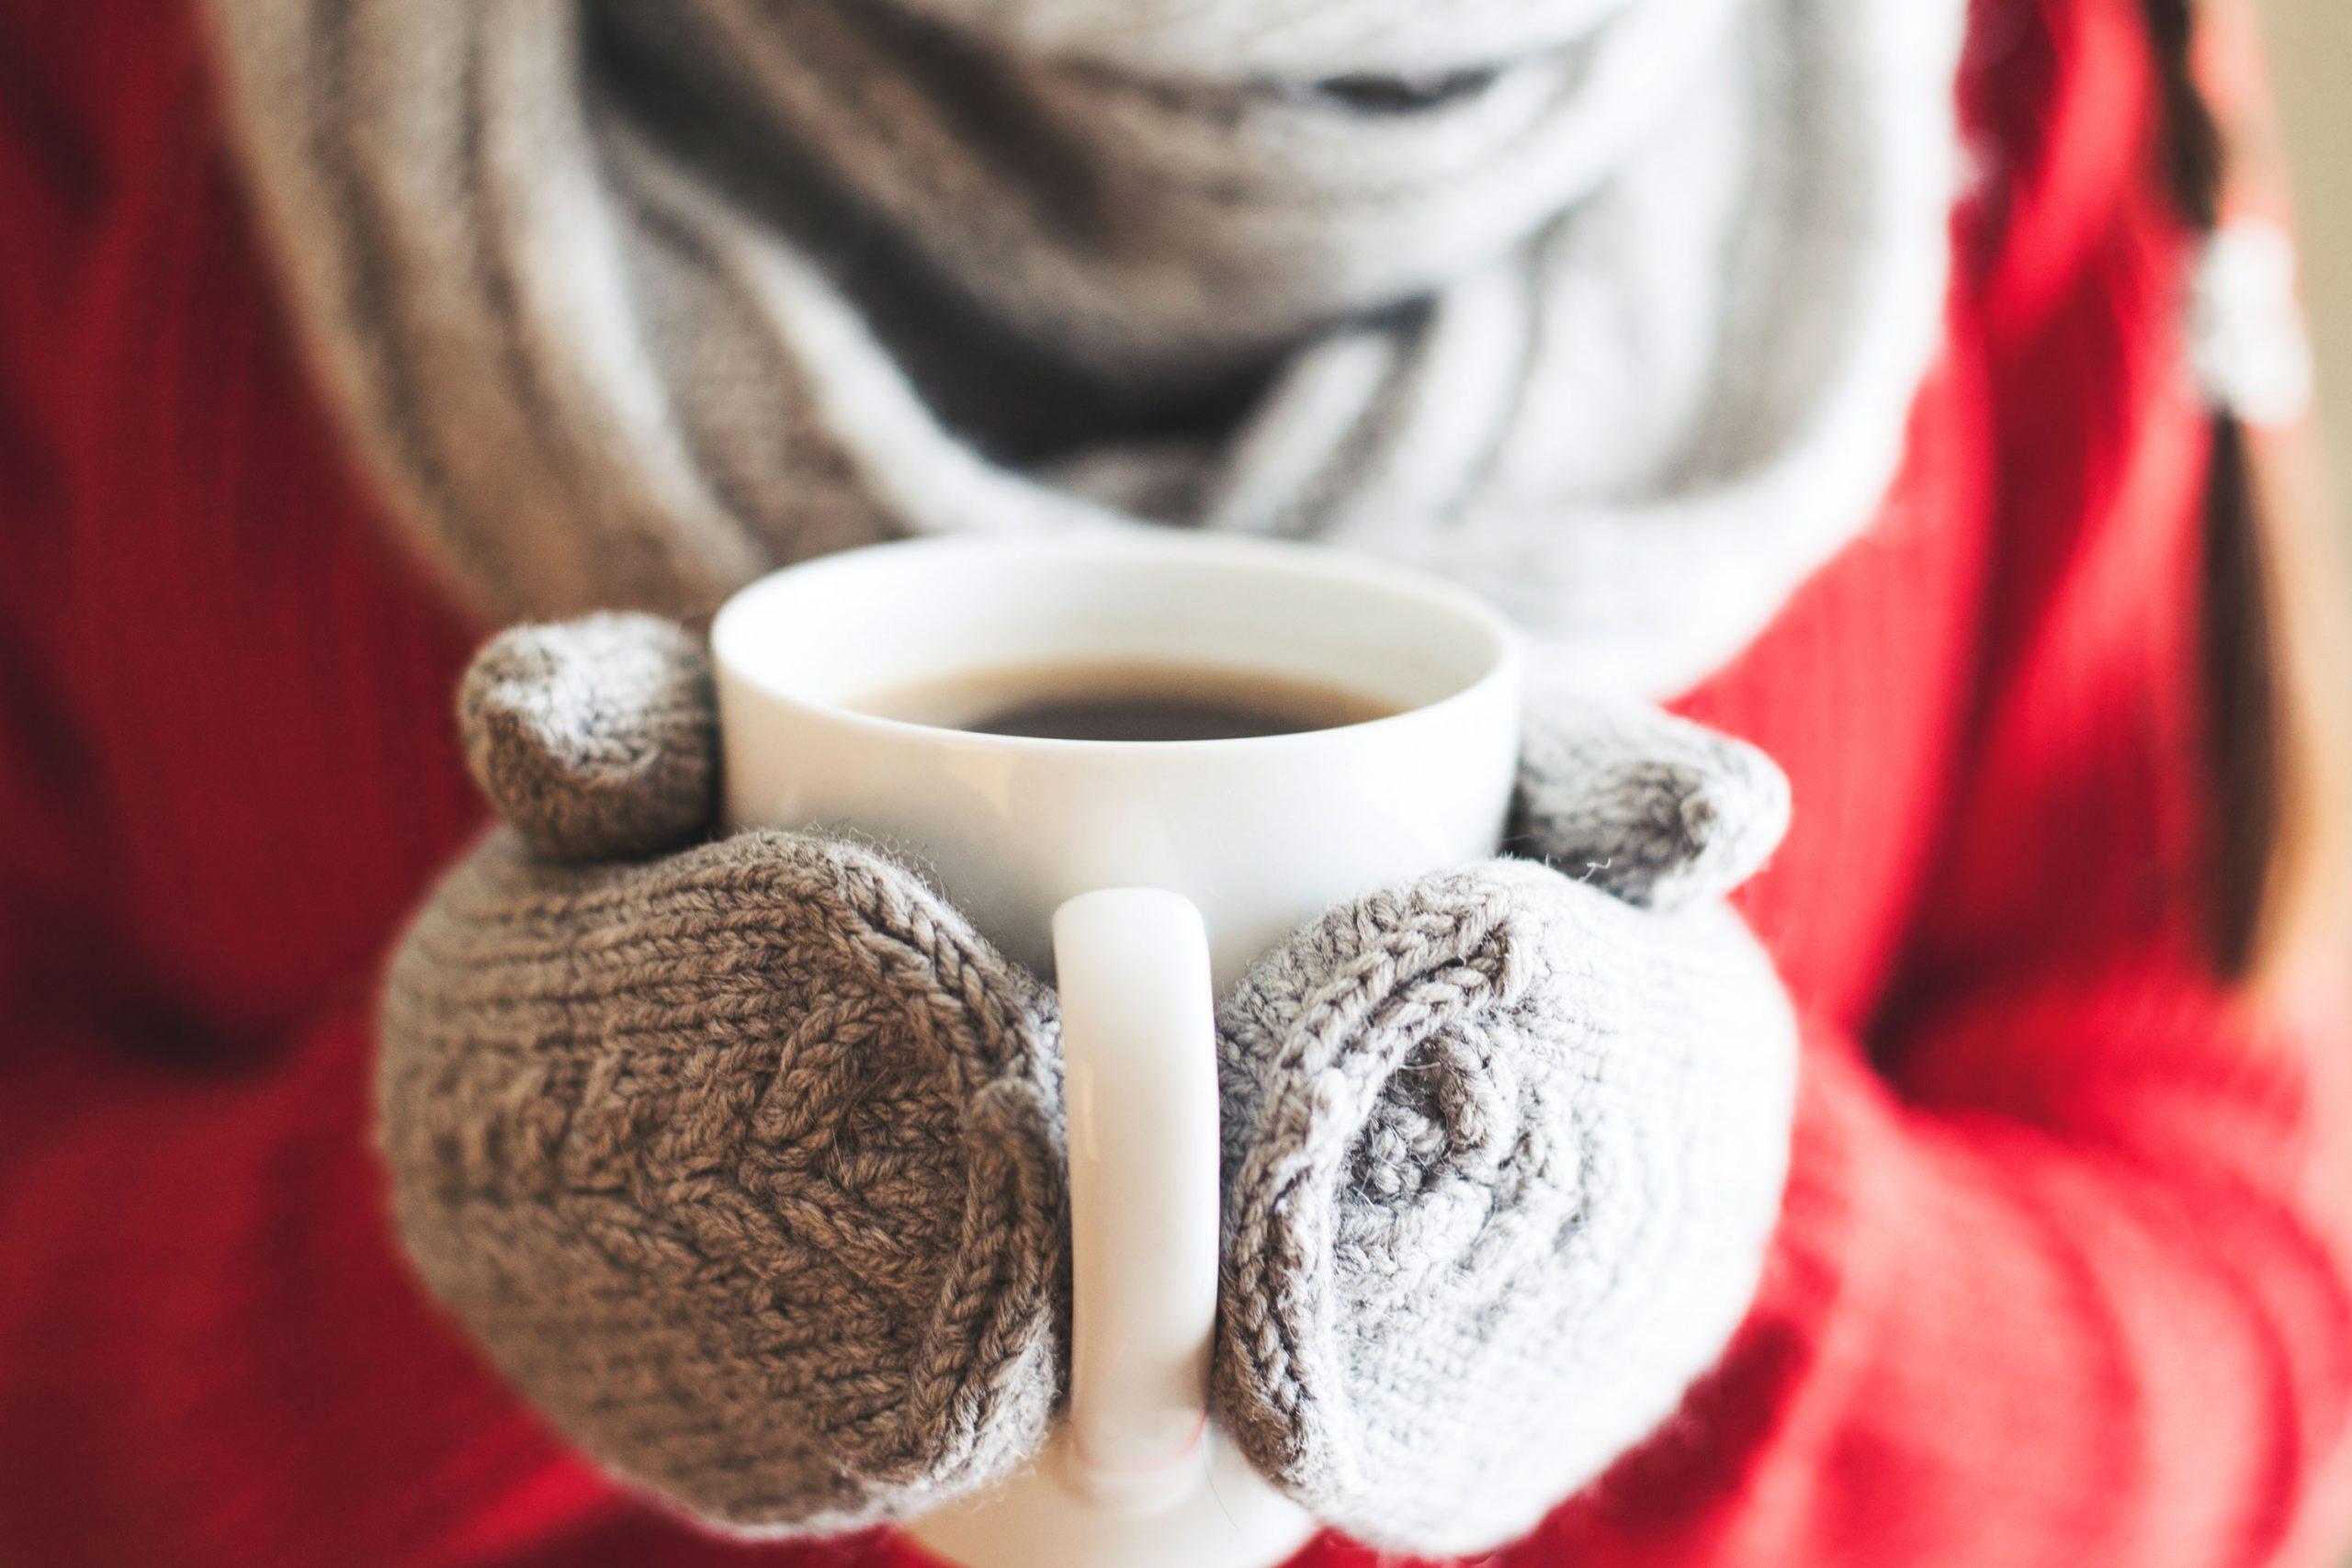 kalla hander varme musmatta